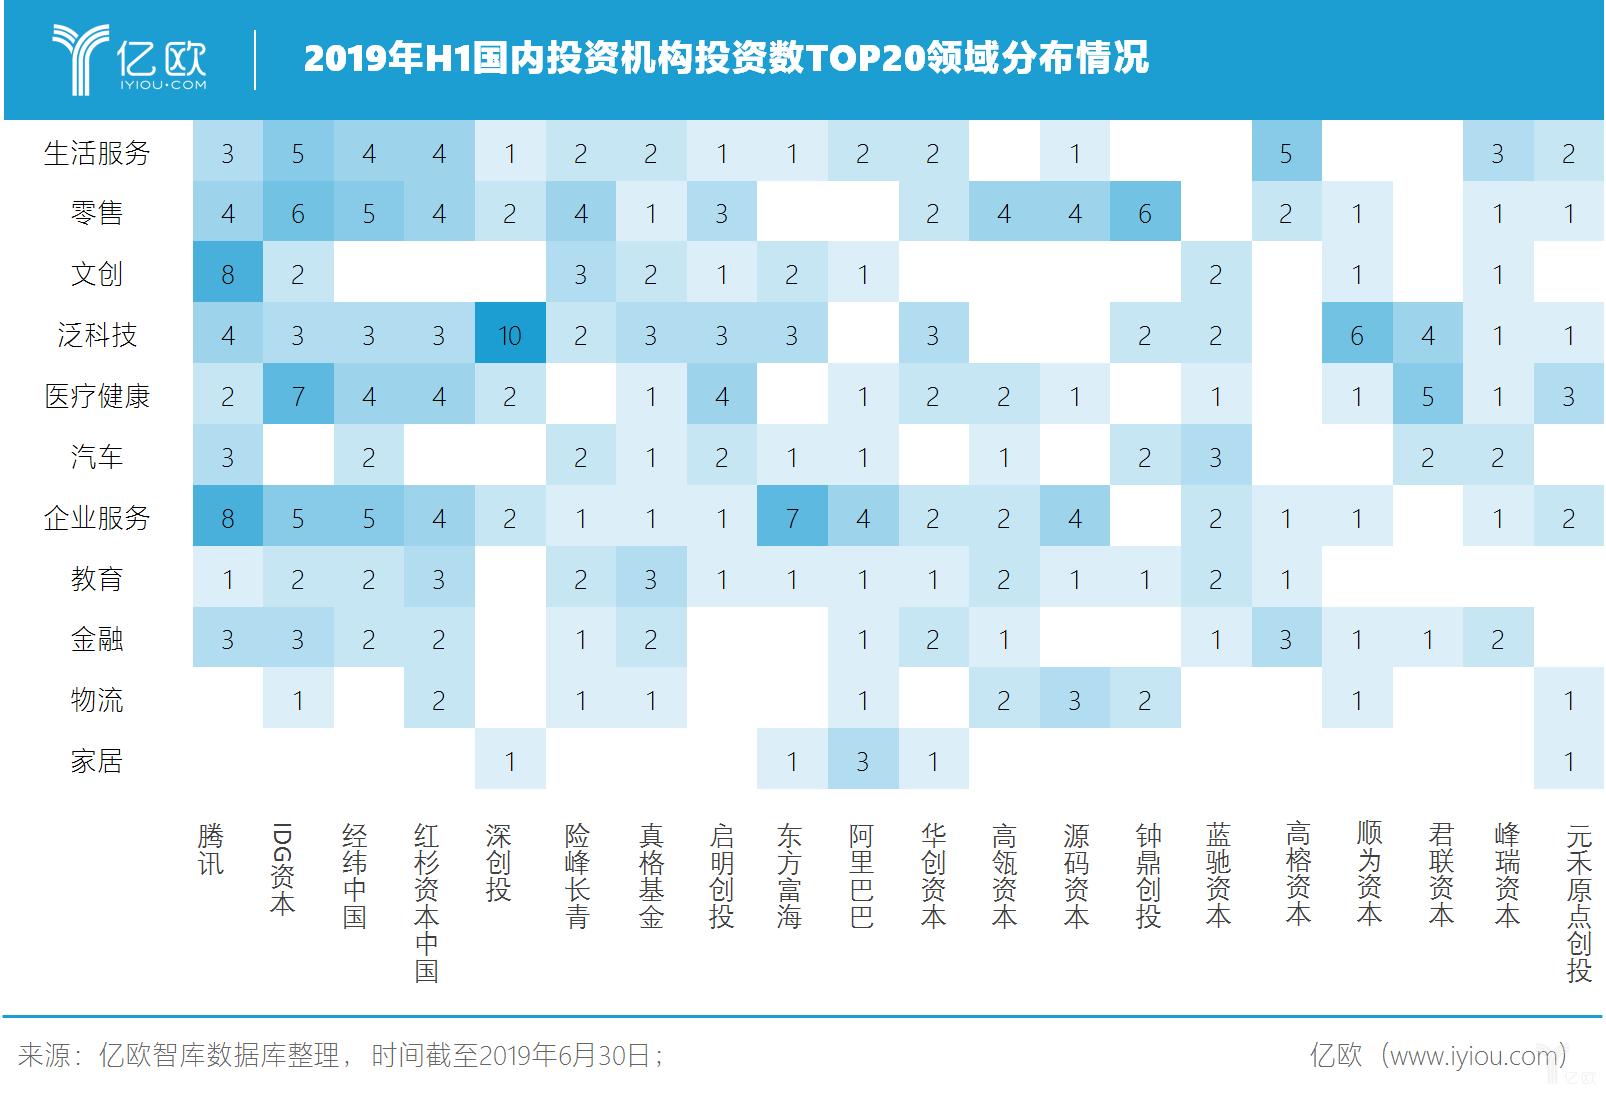 2019年H1国内投资机构投资数TOP20领域分布情况